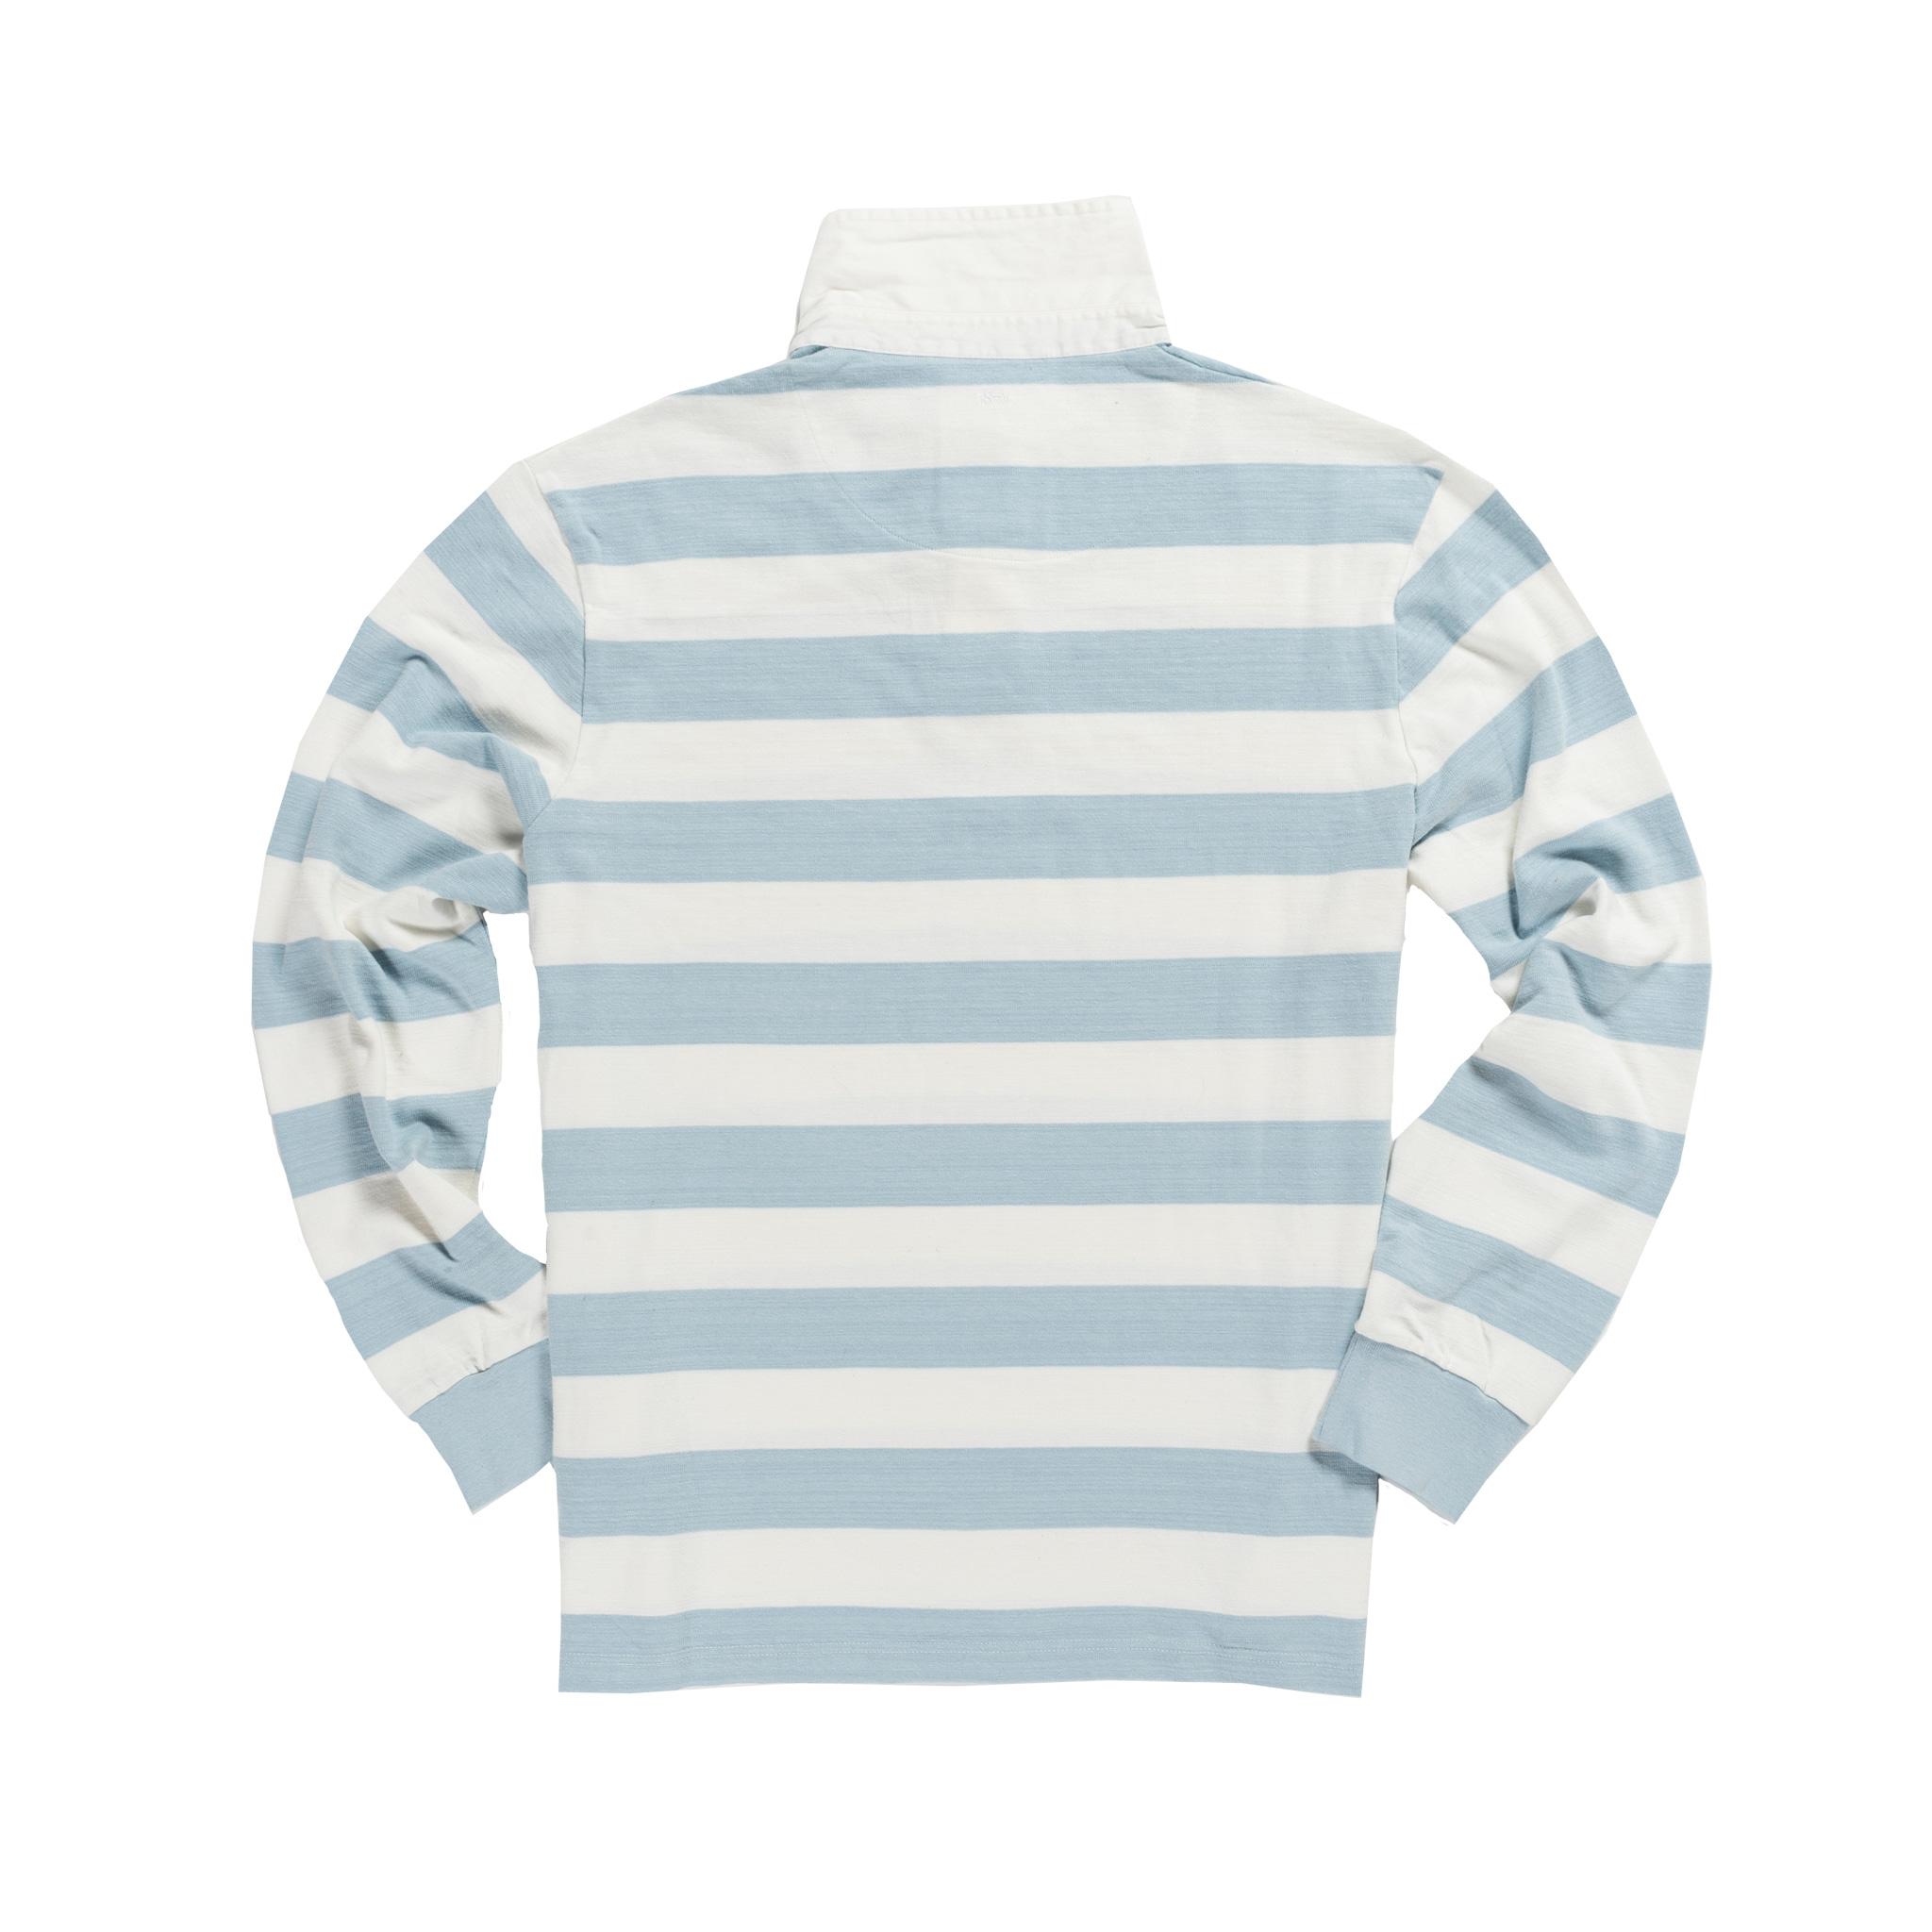 Argentina 1910 Vintage Rugby Shirt